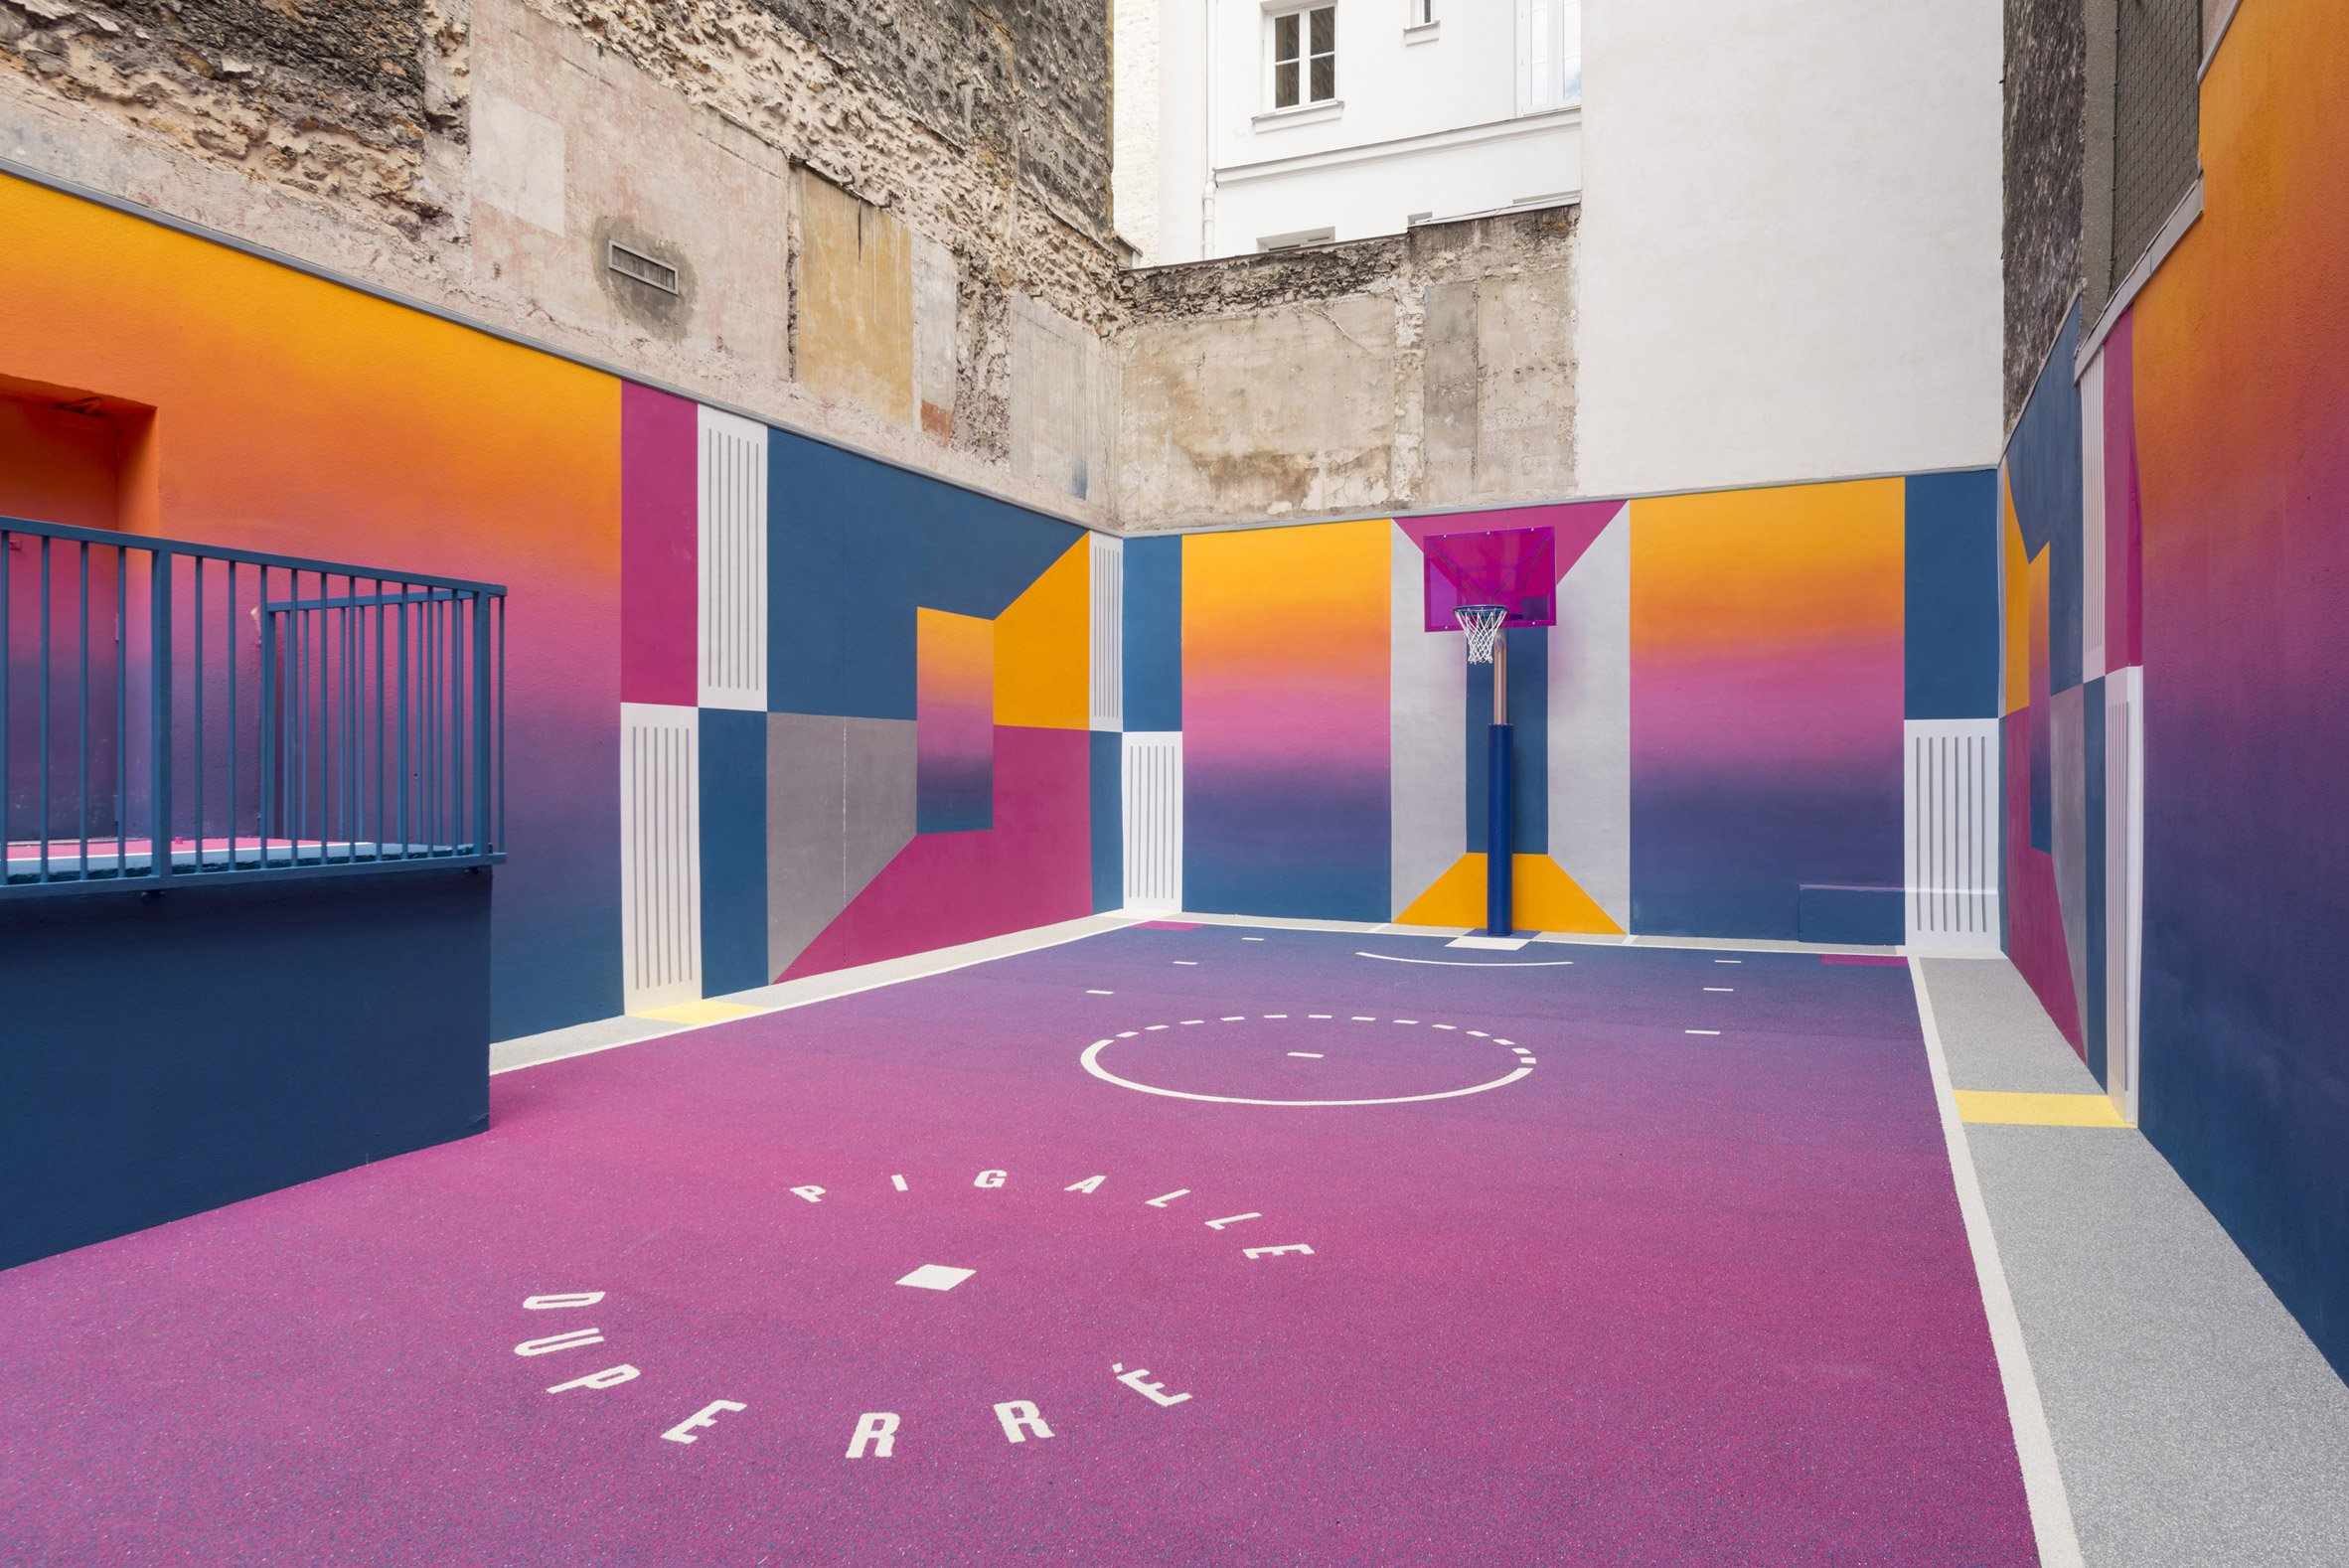 basket-court-pigalle-studio-architecture-public-leisure-paris-france-_dezeen_2364_col_3.jpg